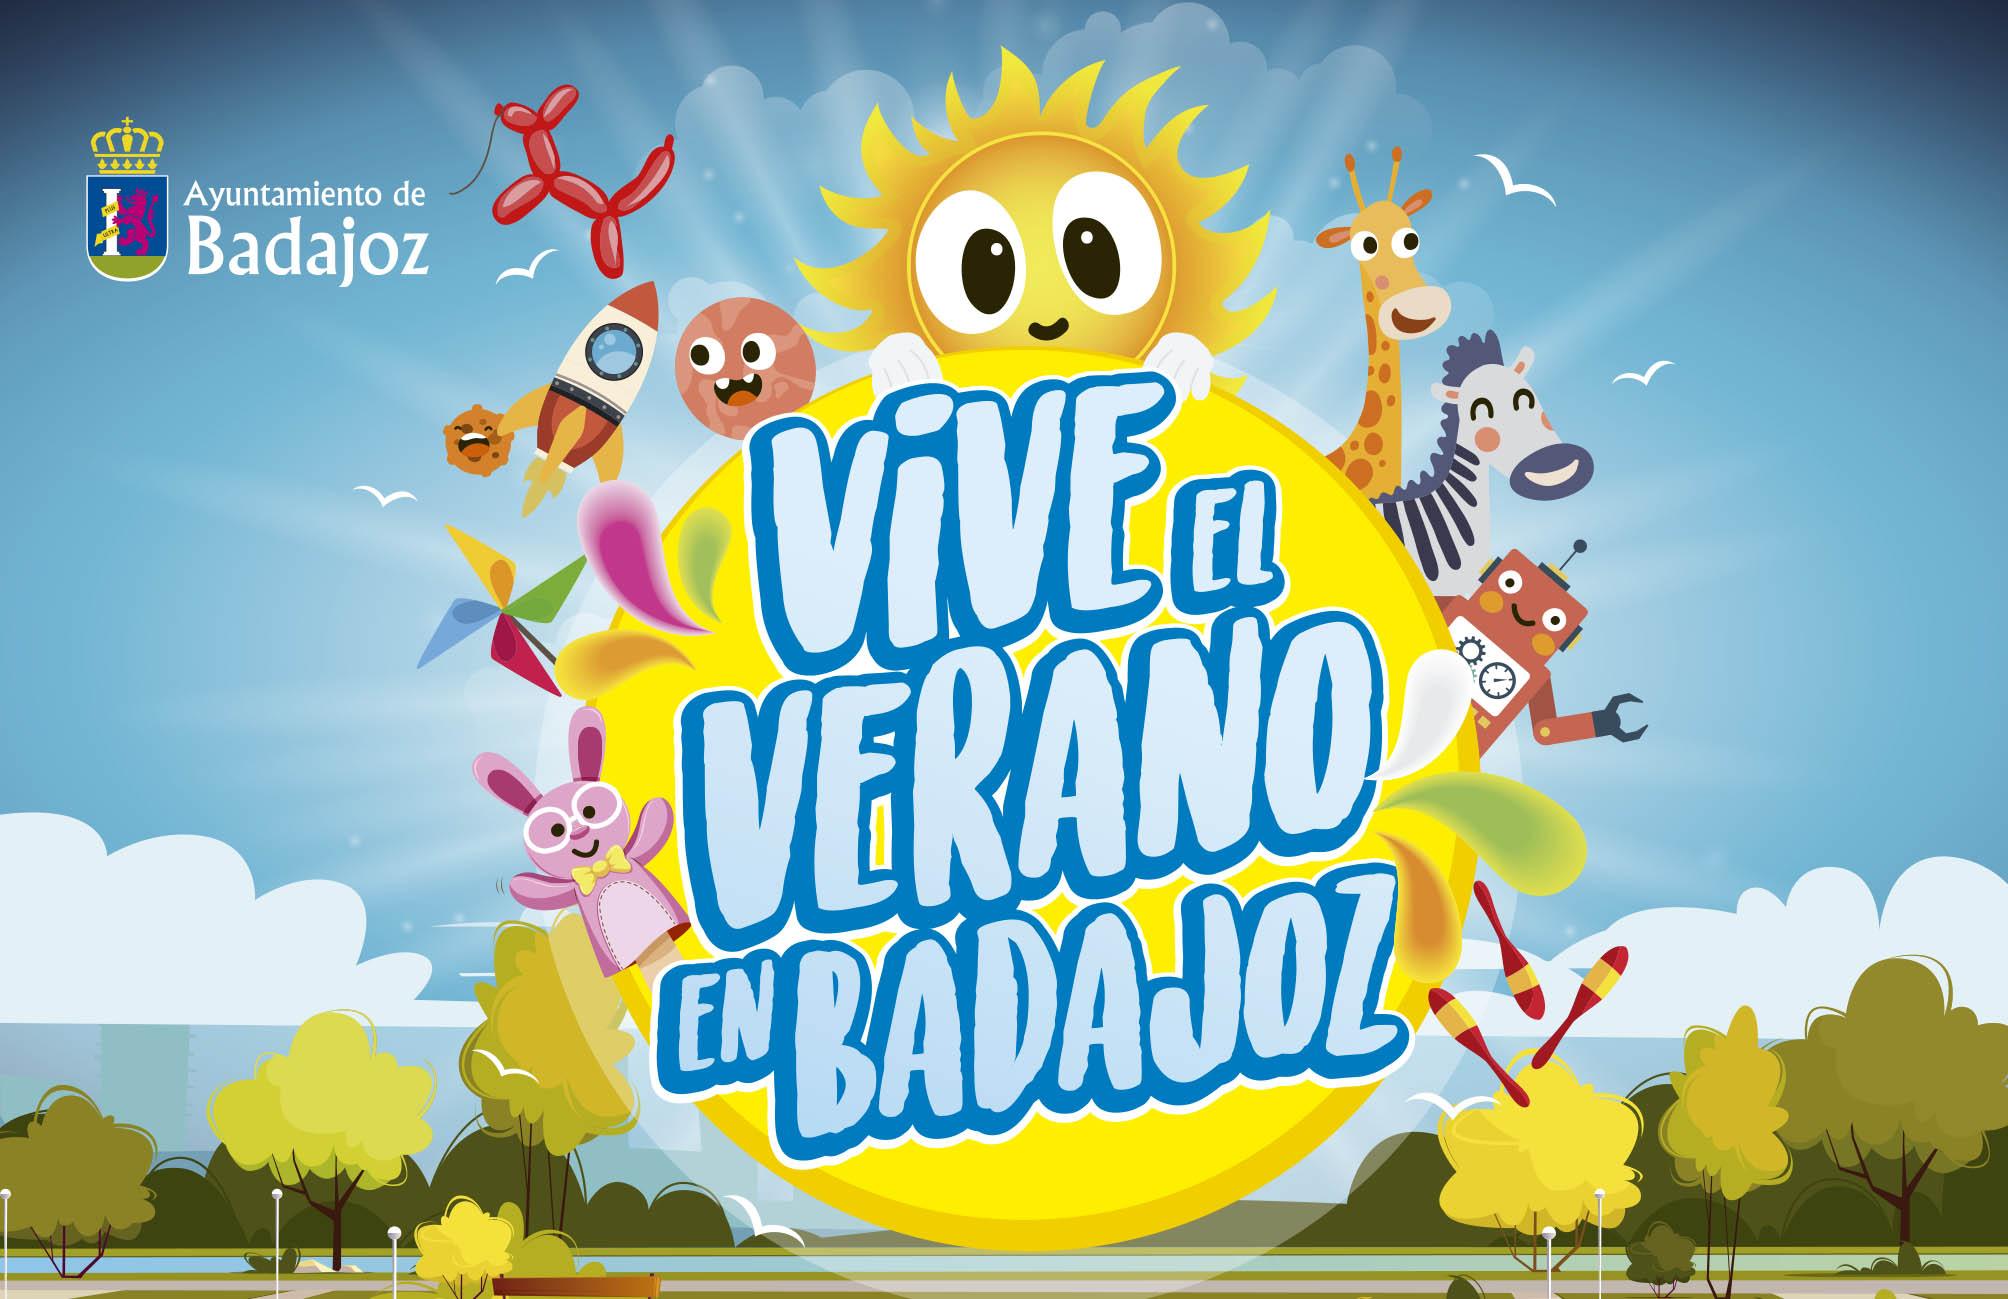 programa_vive_el_verano_2019-culba-01